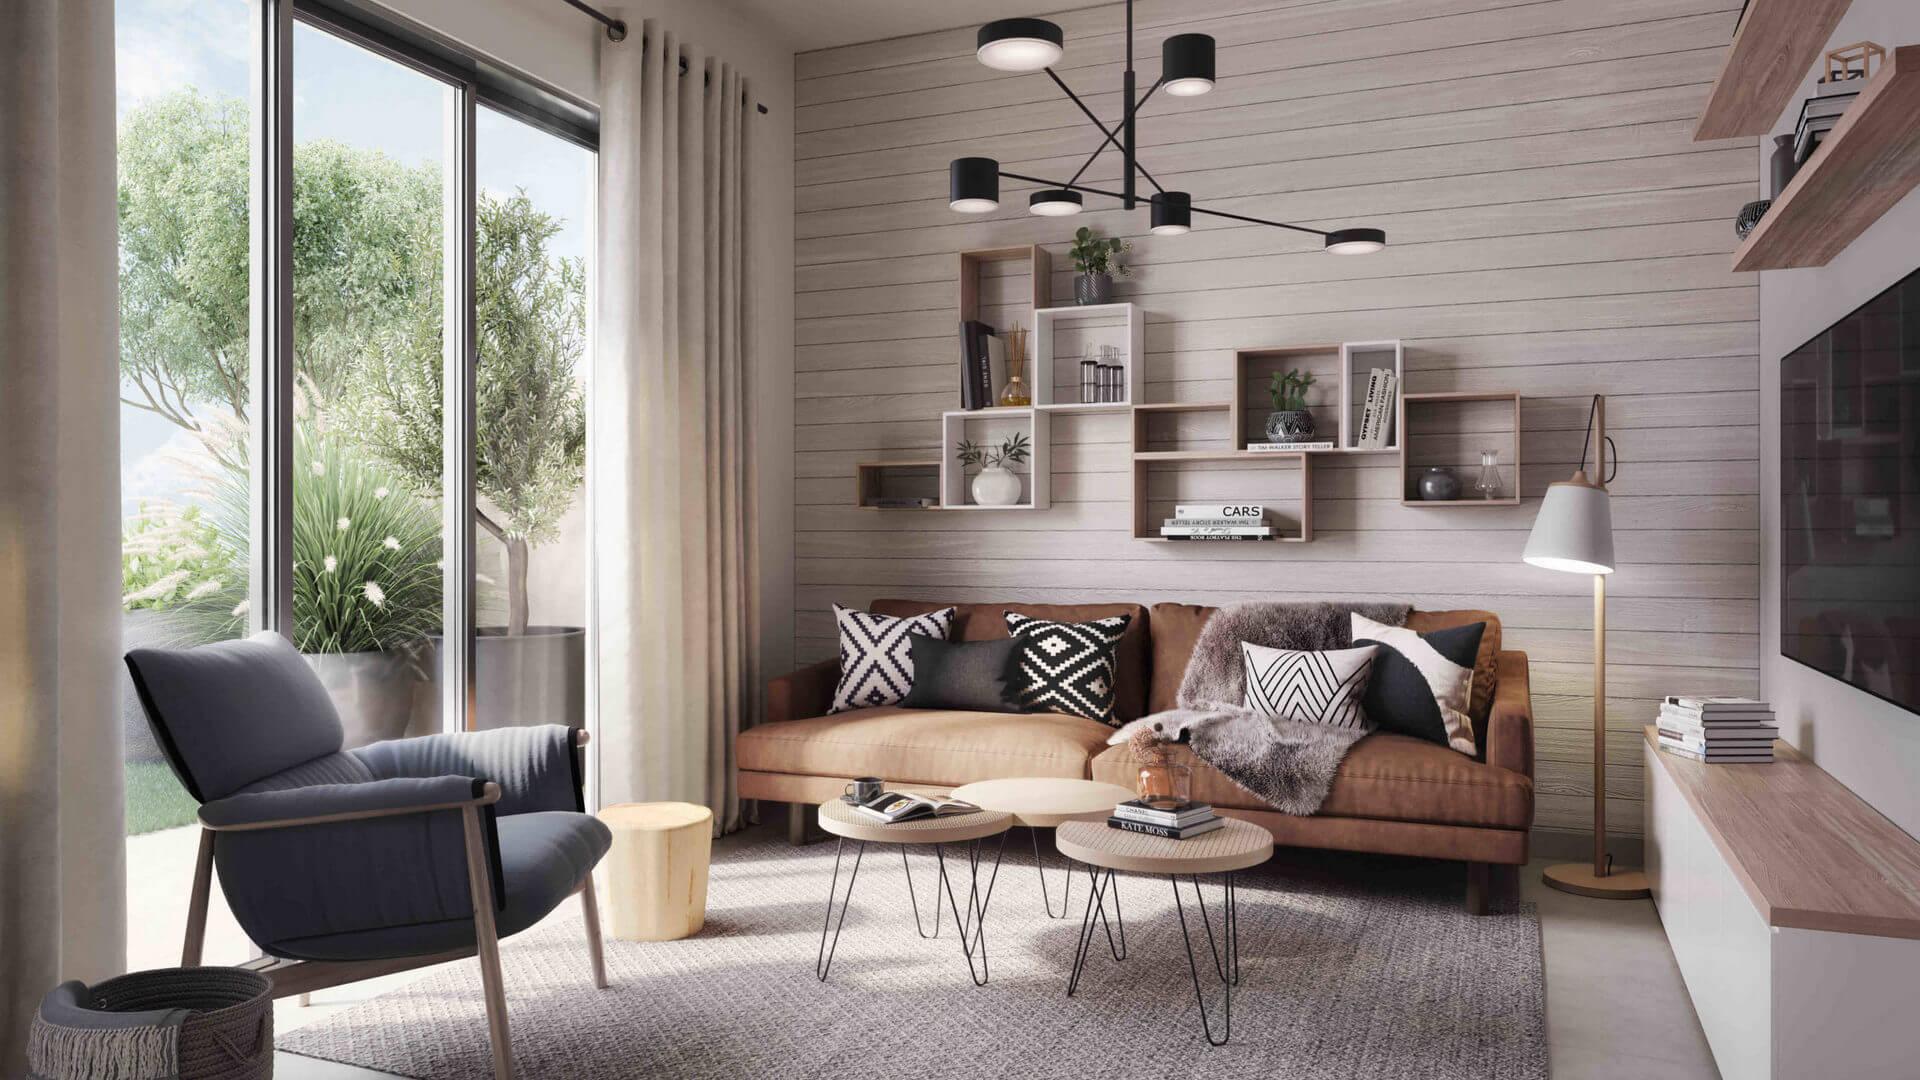 Villa for sale in Dubai, UAE, 3 bedrooms, 175 m2, No. 24048 – photo 3